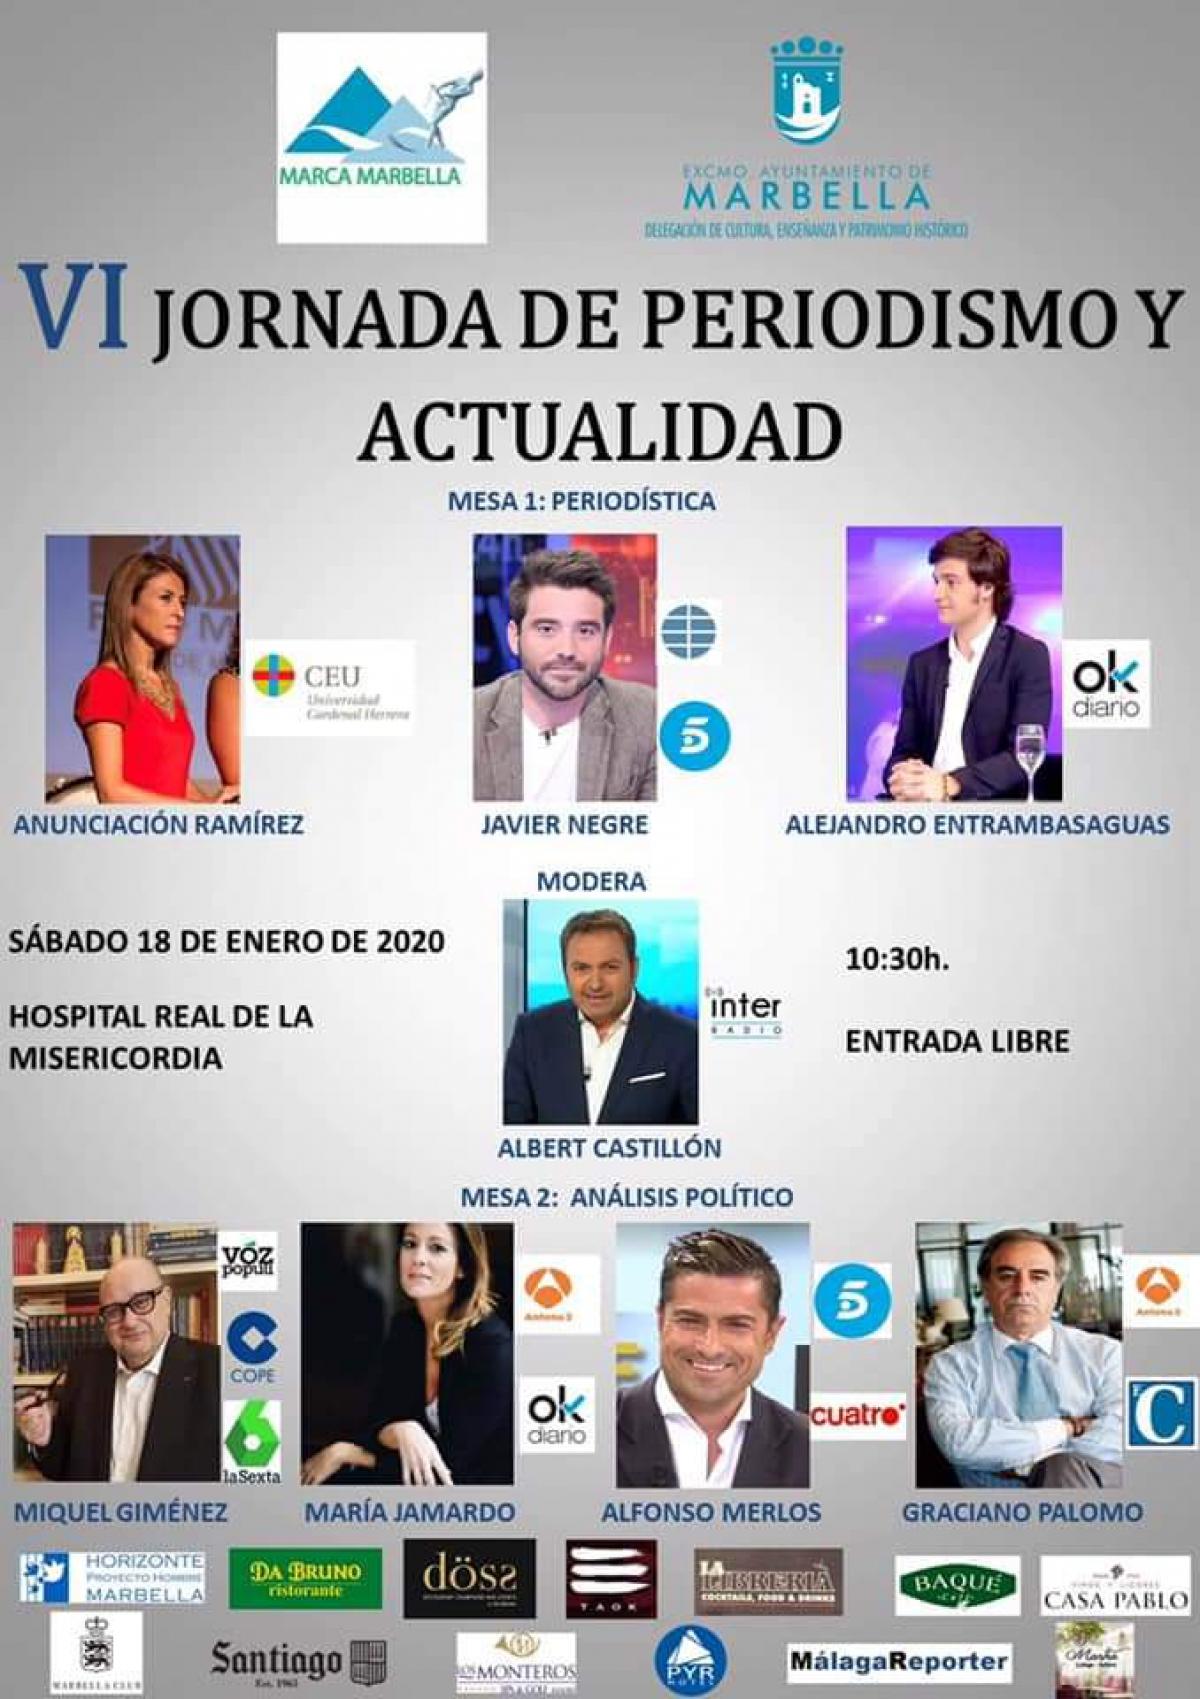 El Hospital Real de la Misericordia acogerá el próximo sábado 18 de enero la VI Jornada de Periodismo y Actualidad